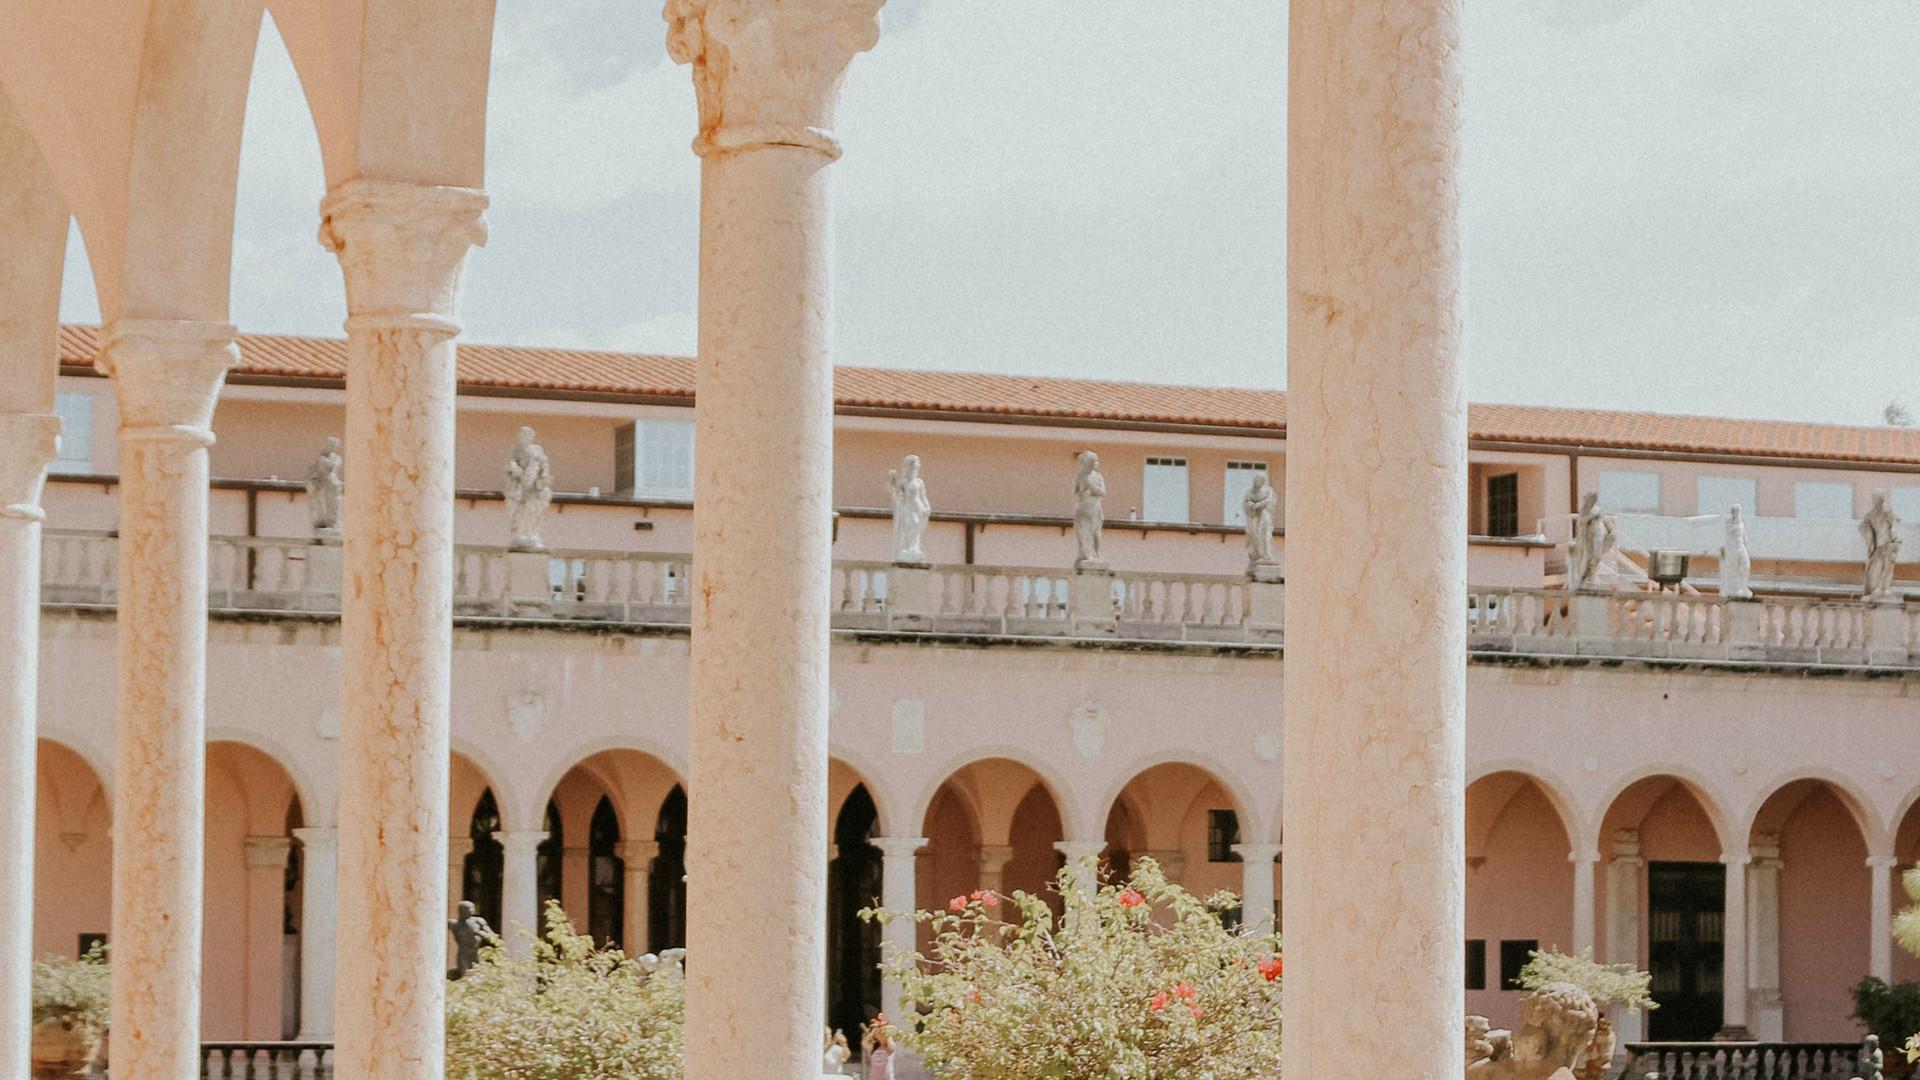 AIp Italy Italy Tour, Tuscany Tour, Authentic travel Agritourismo